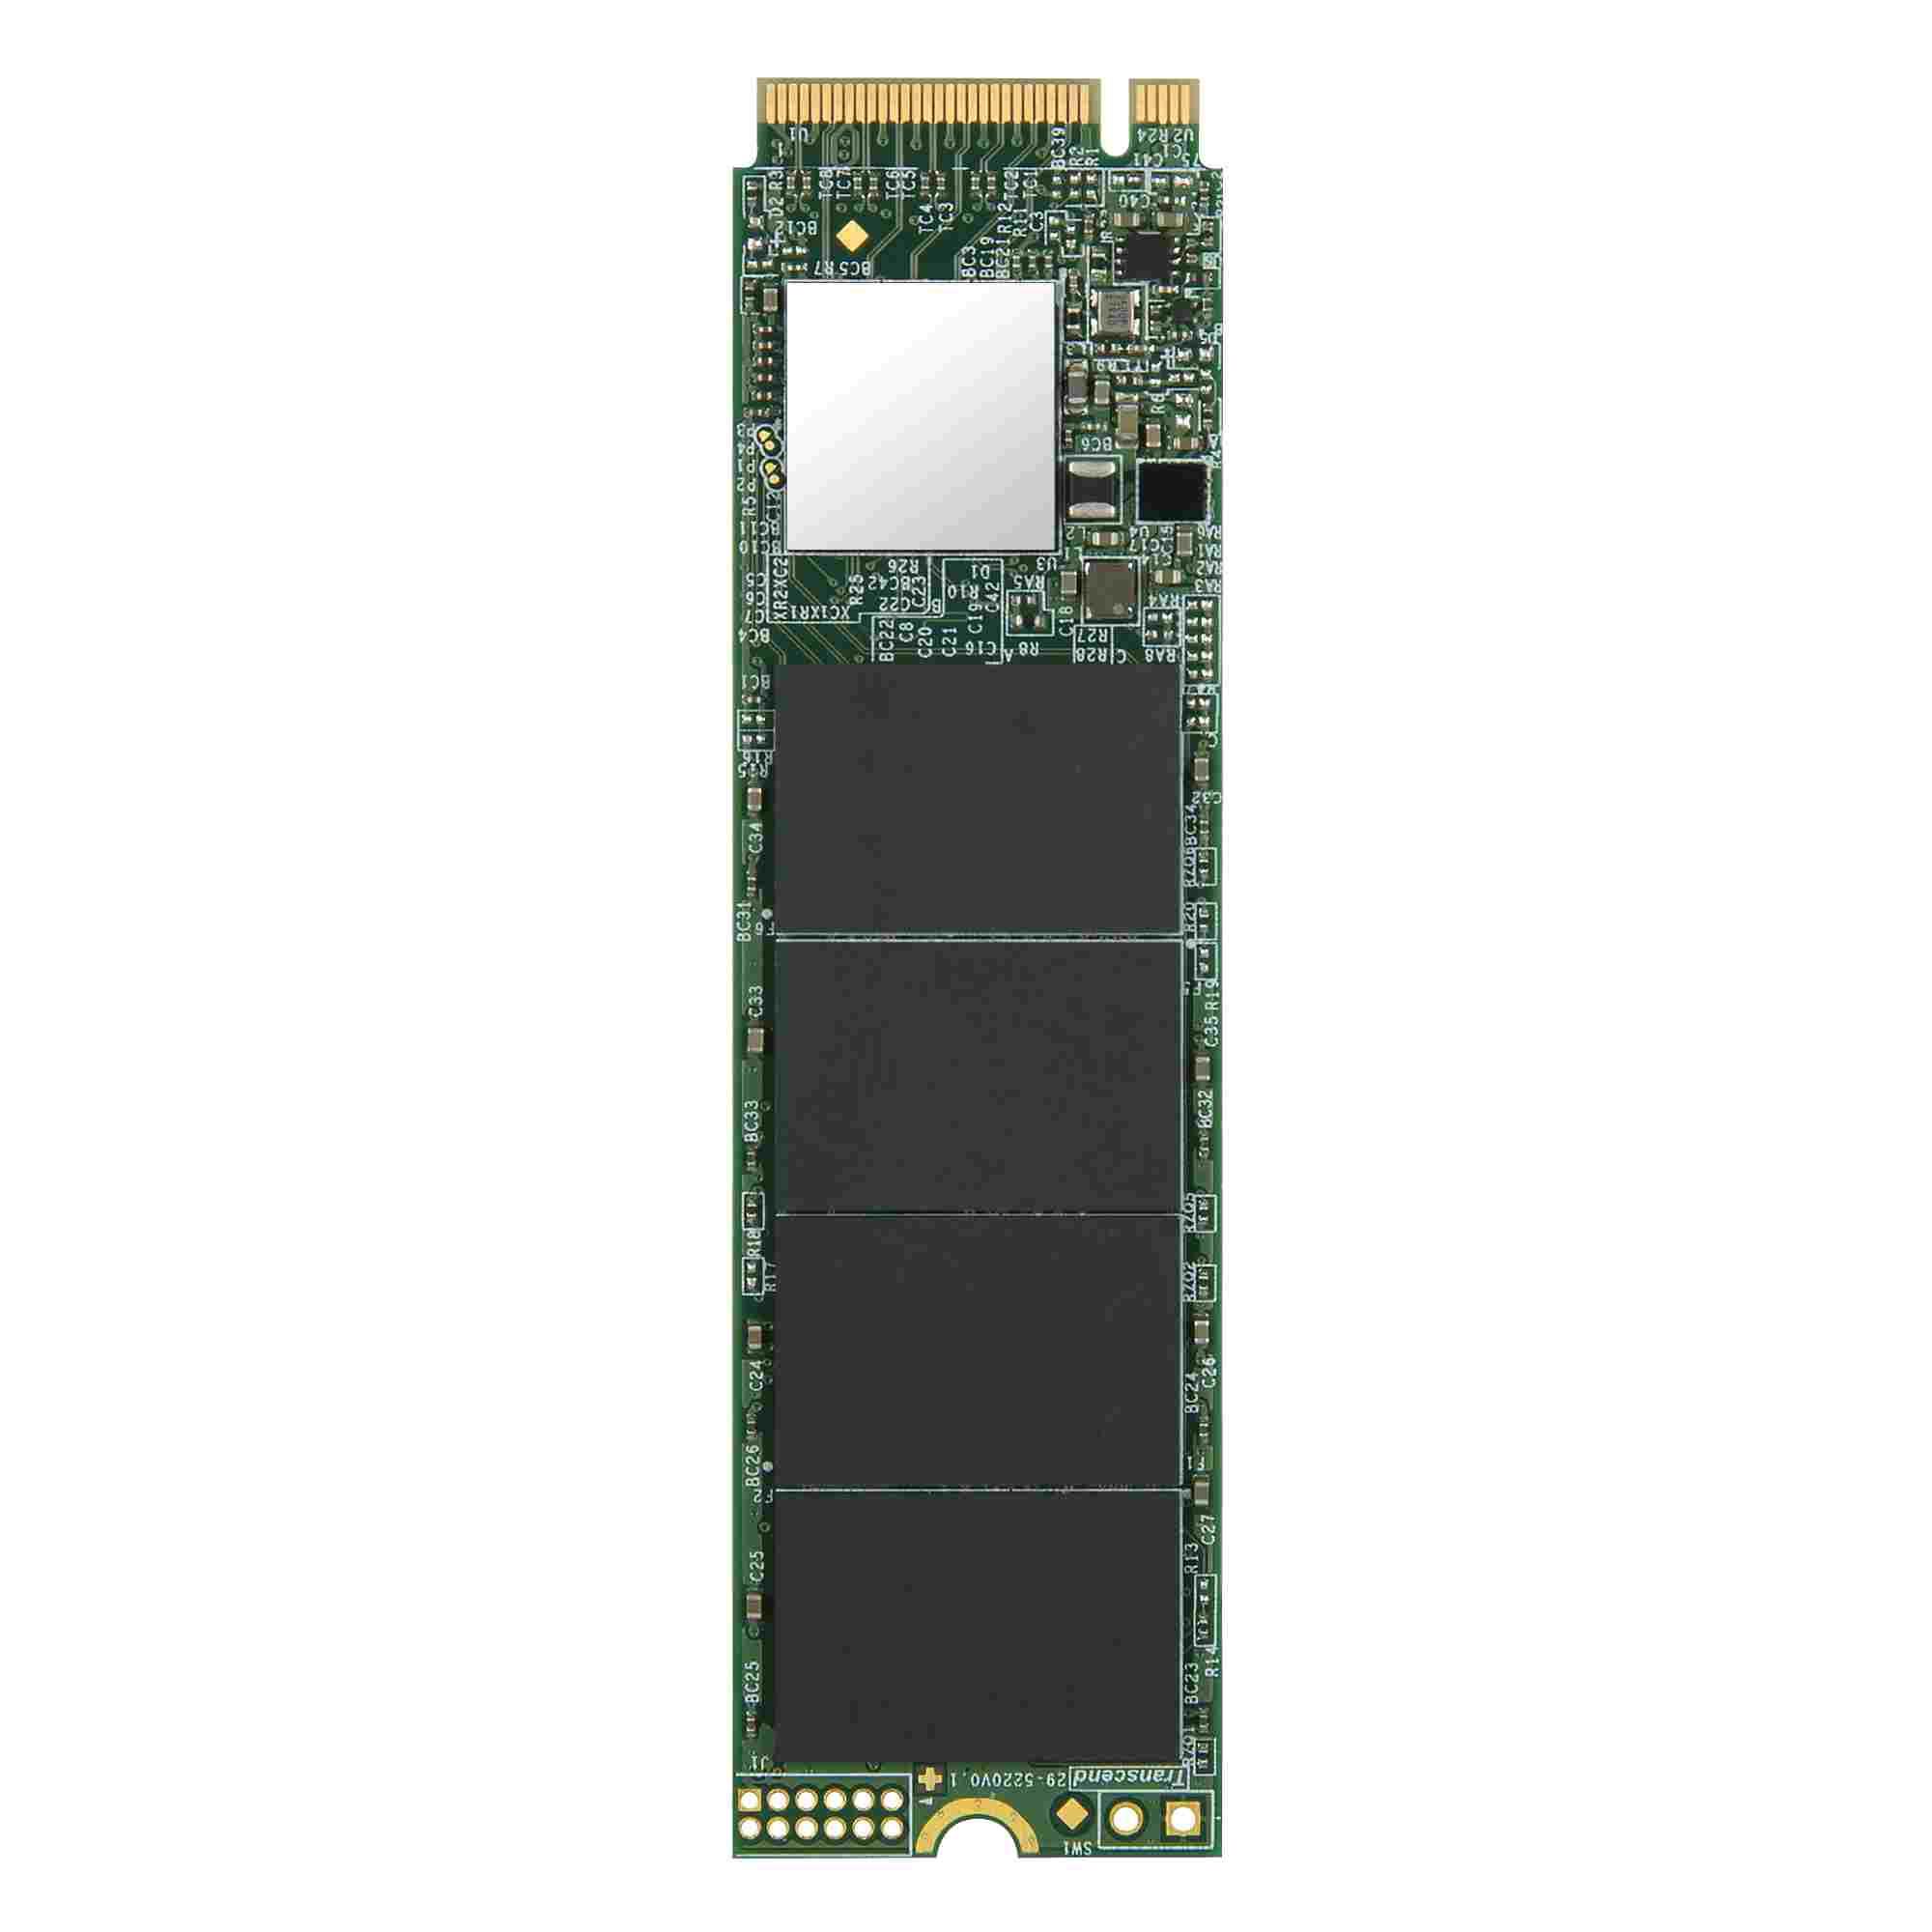 TRANSCEND M.2 SSD 110S, 128GB, M.2 2280, PCIe Gen3x4, 3D TLC, DRAM-less